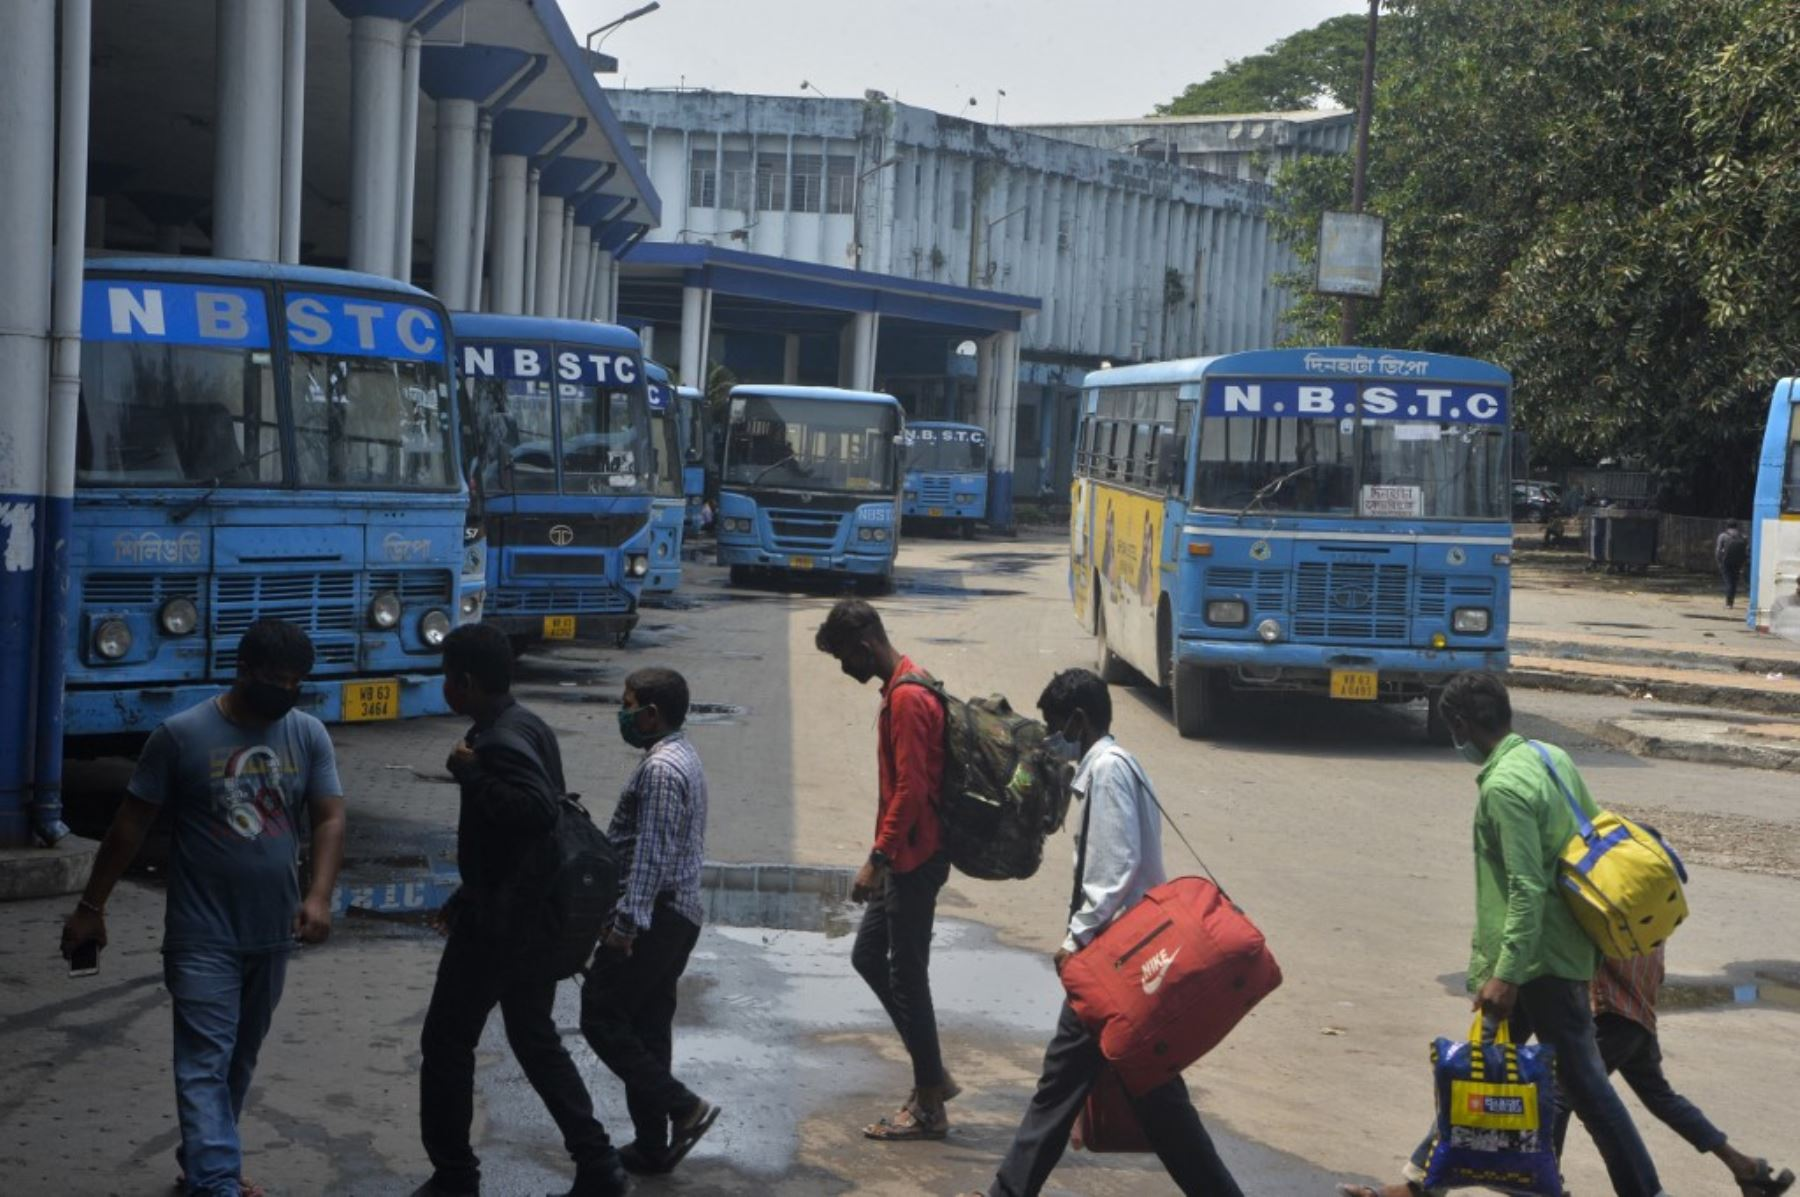 Los pasajeros caminan en la estación de la Corporación de Transporte del Estado de Bengala del Norte en Siliguri el 6 de mayo de 2021 luego del anuncio del departamento de estado de Bengala Occidental de servicios de autobús limitados en medio de la pandemia del coronavirus covid-19. Foto: AFP